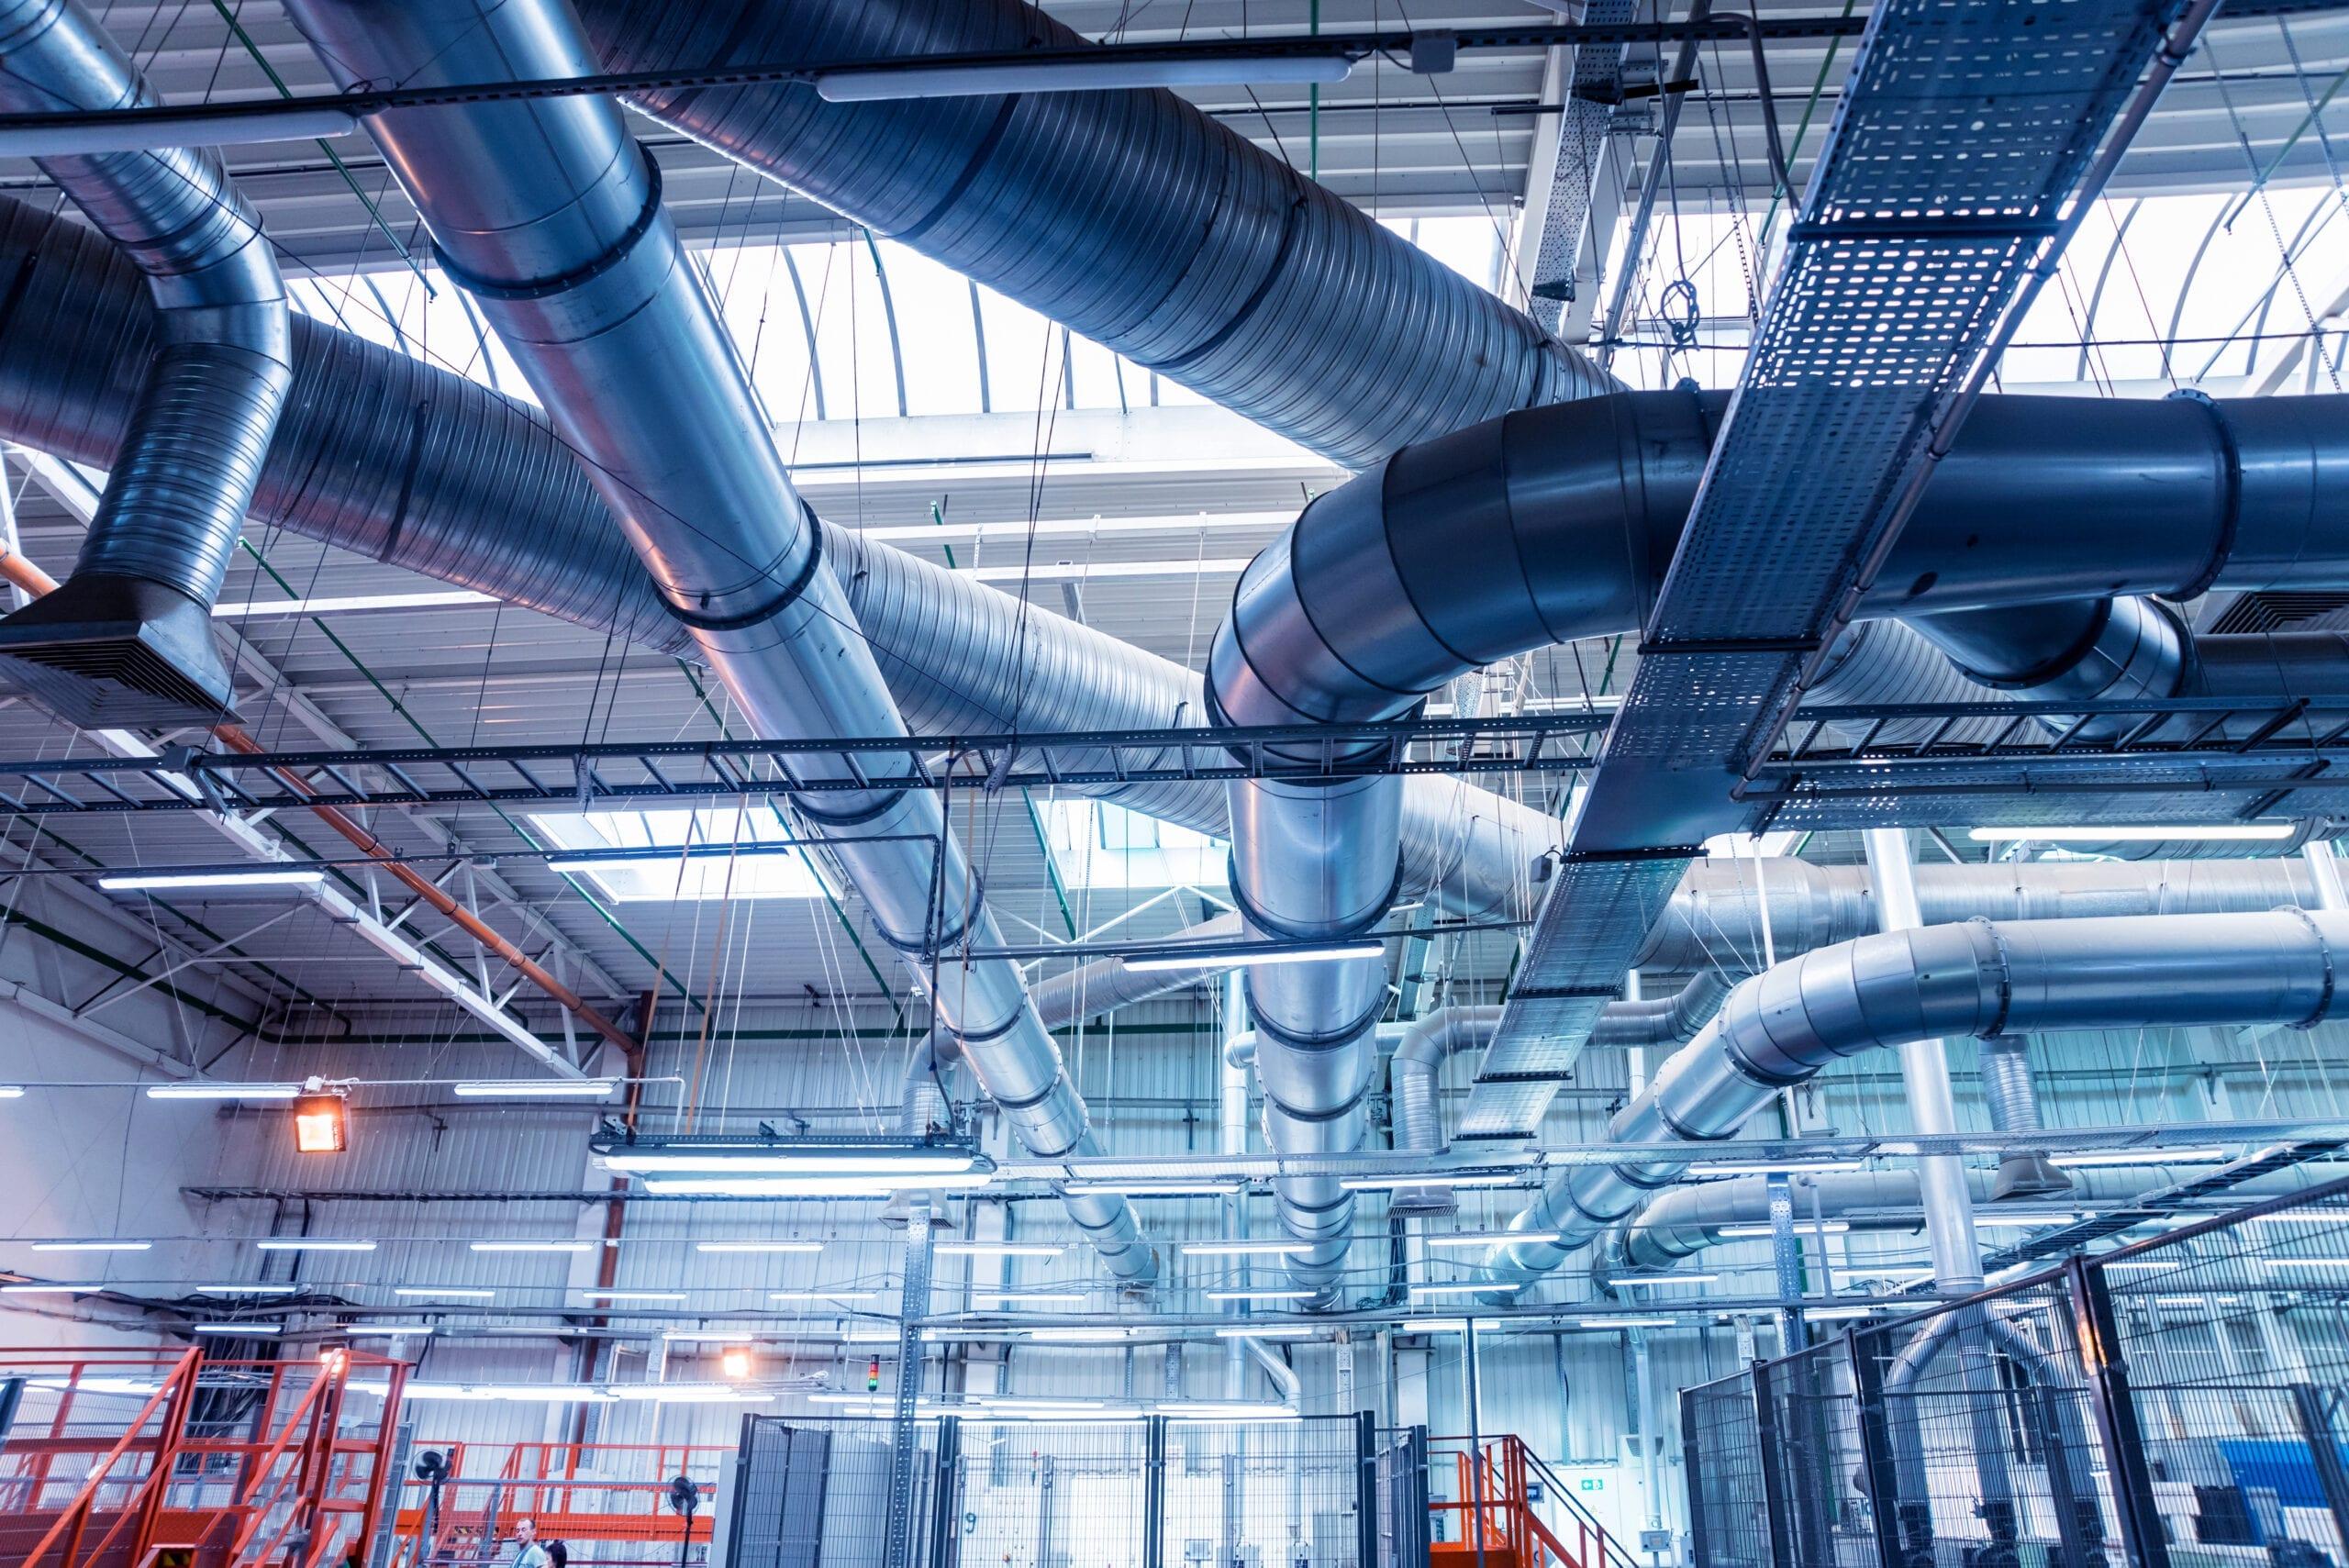 Unità di trattamento per ambienti industriali con tubi aerei fissati a soffitto